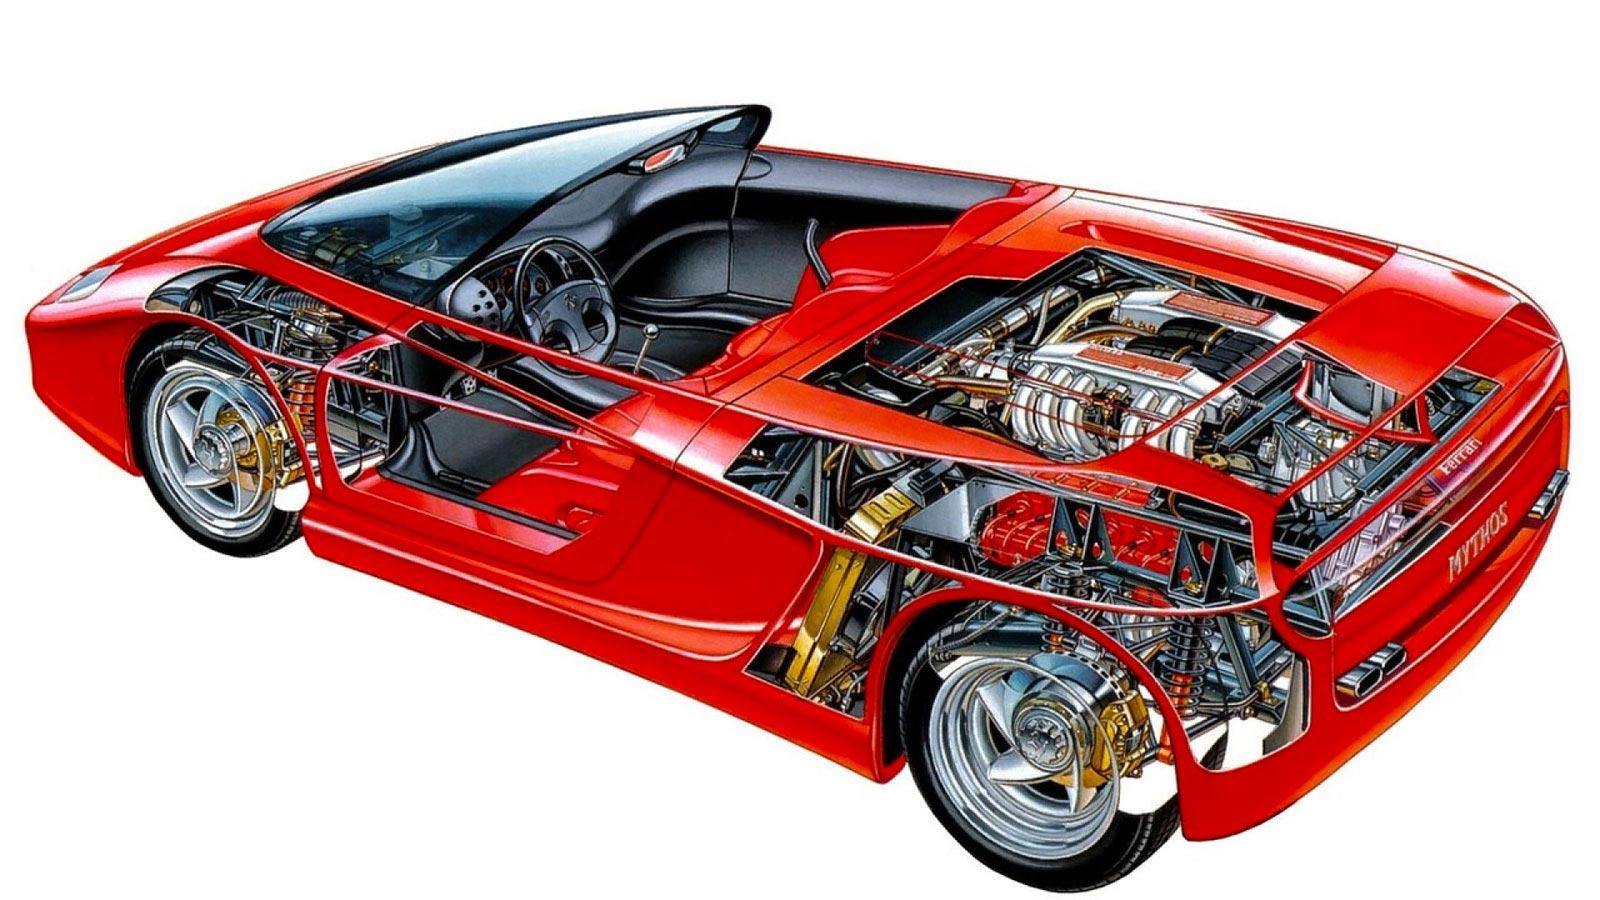 Ferrari Mythos cutaway